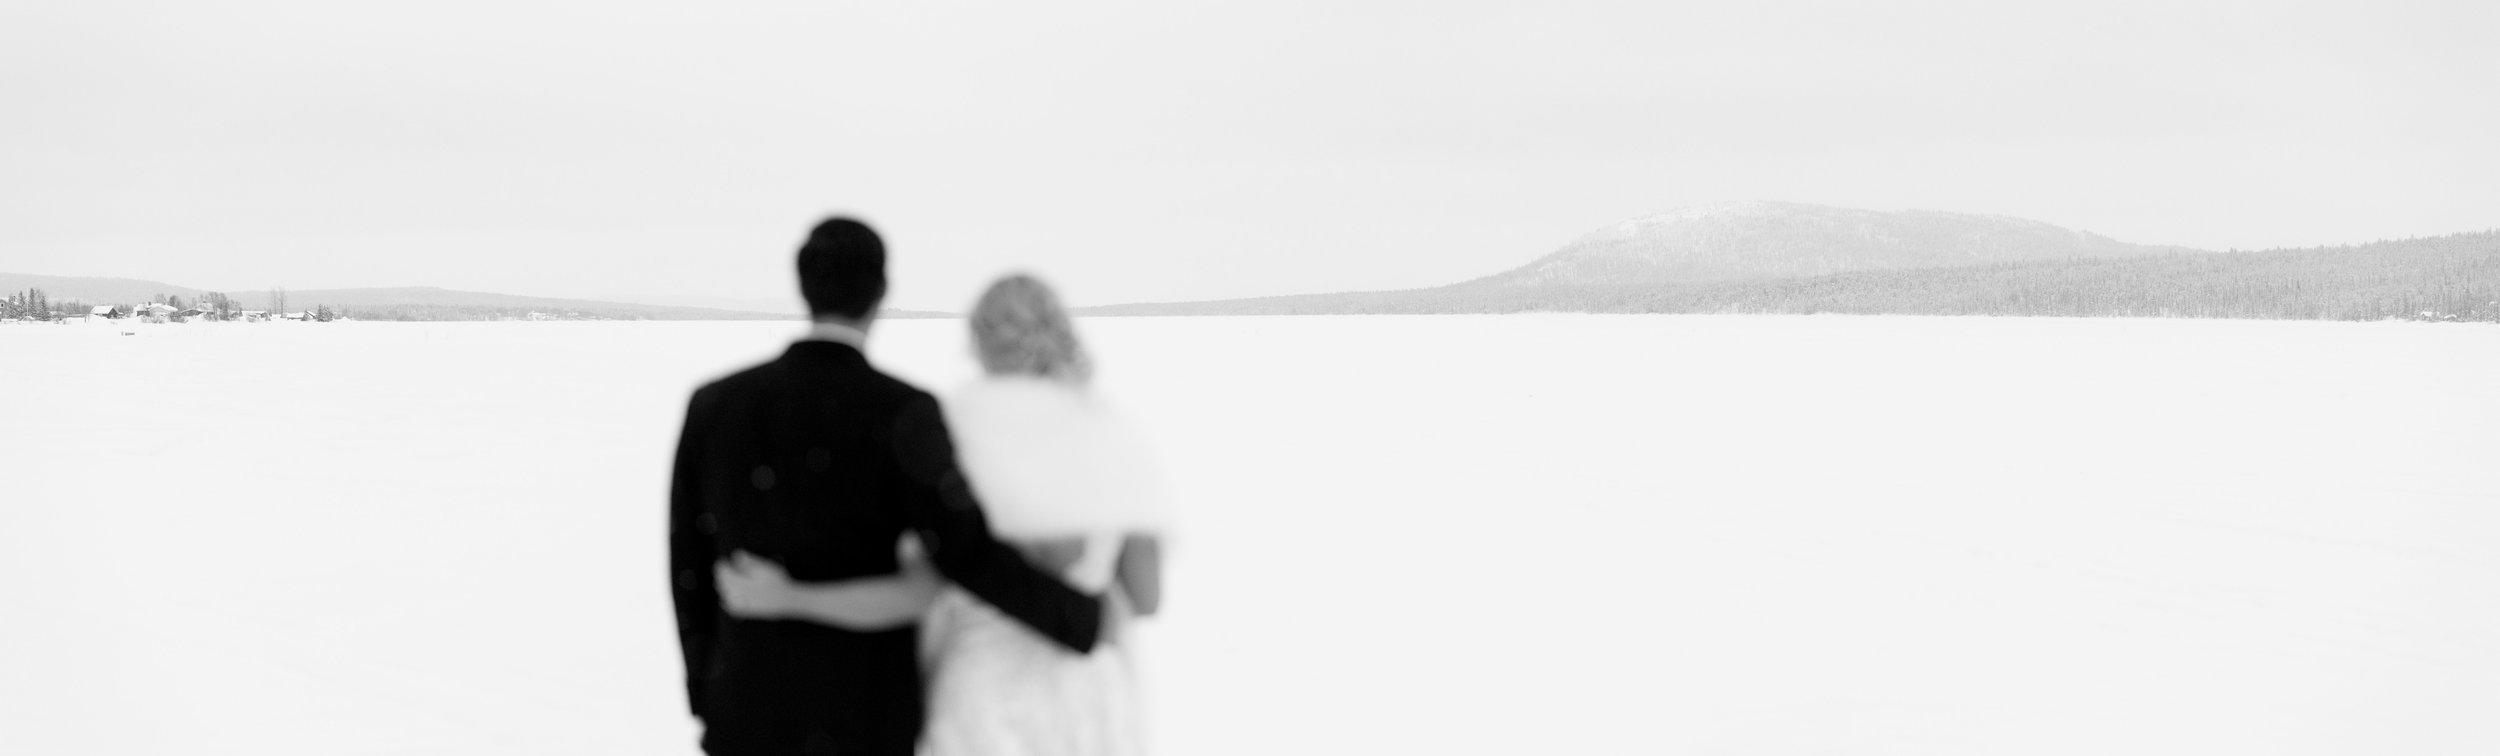 R&B - Wedding photos -ICEHOTEL by - Asaf Kliger (23 of 26).jpg